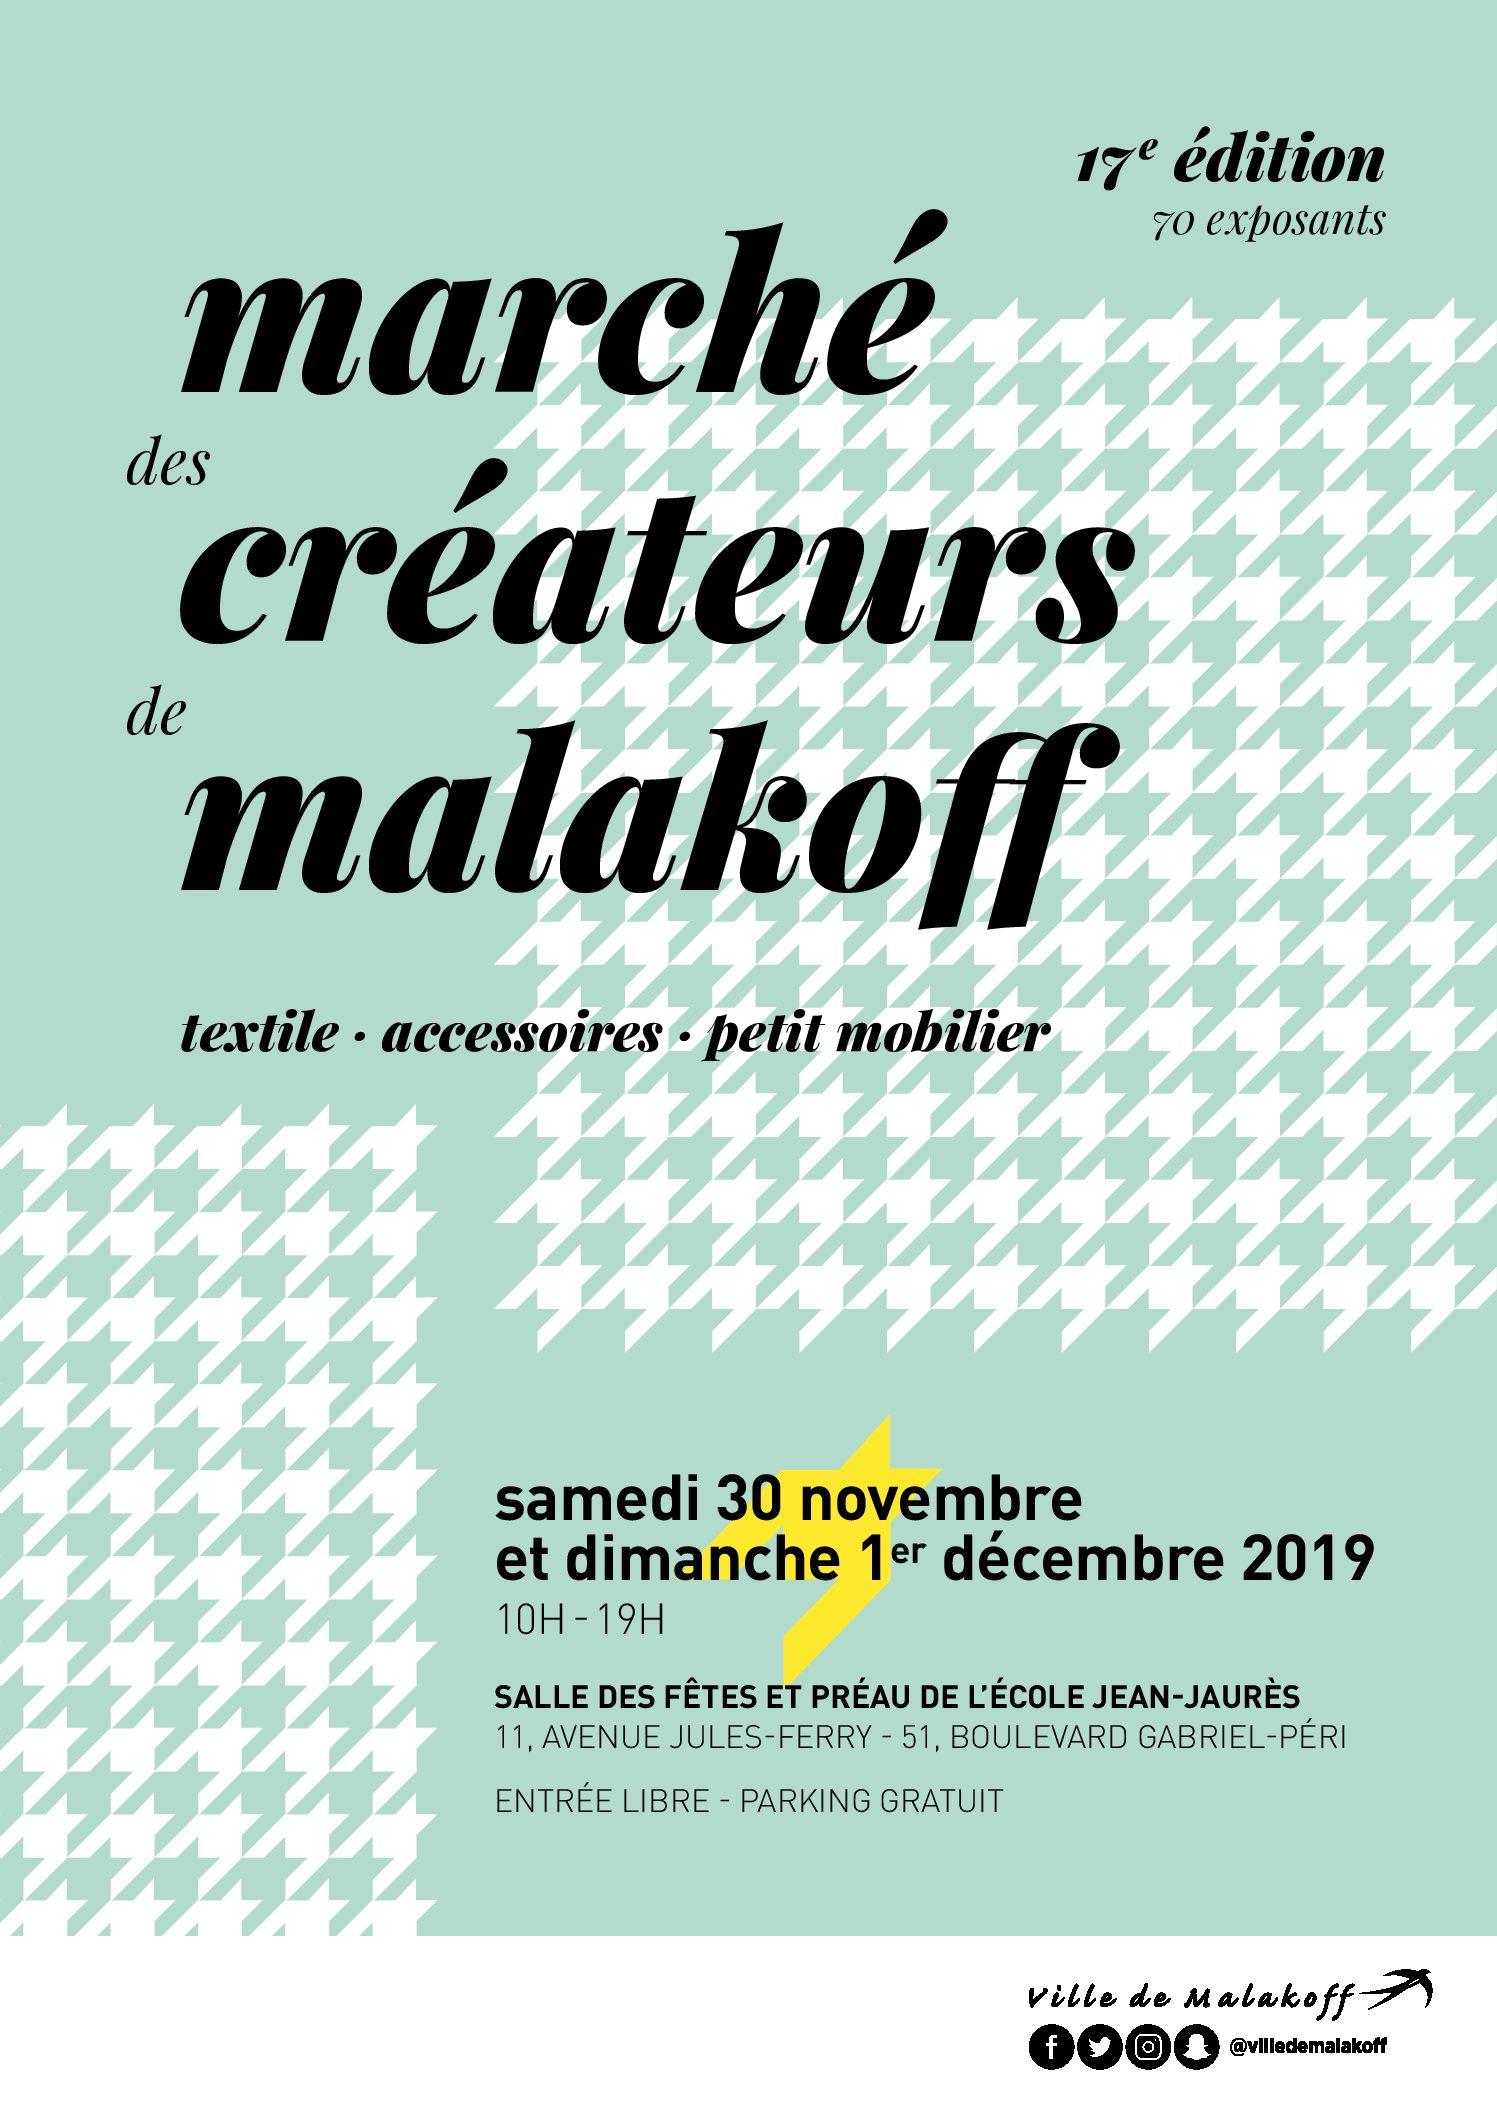 Doucho participe au marché de Créateurs de Malakoff